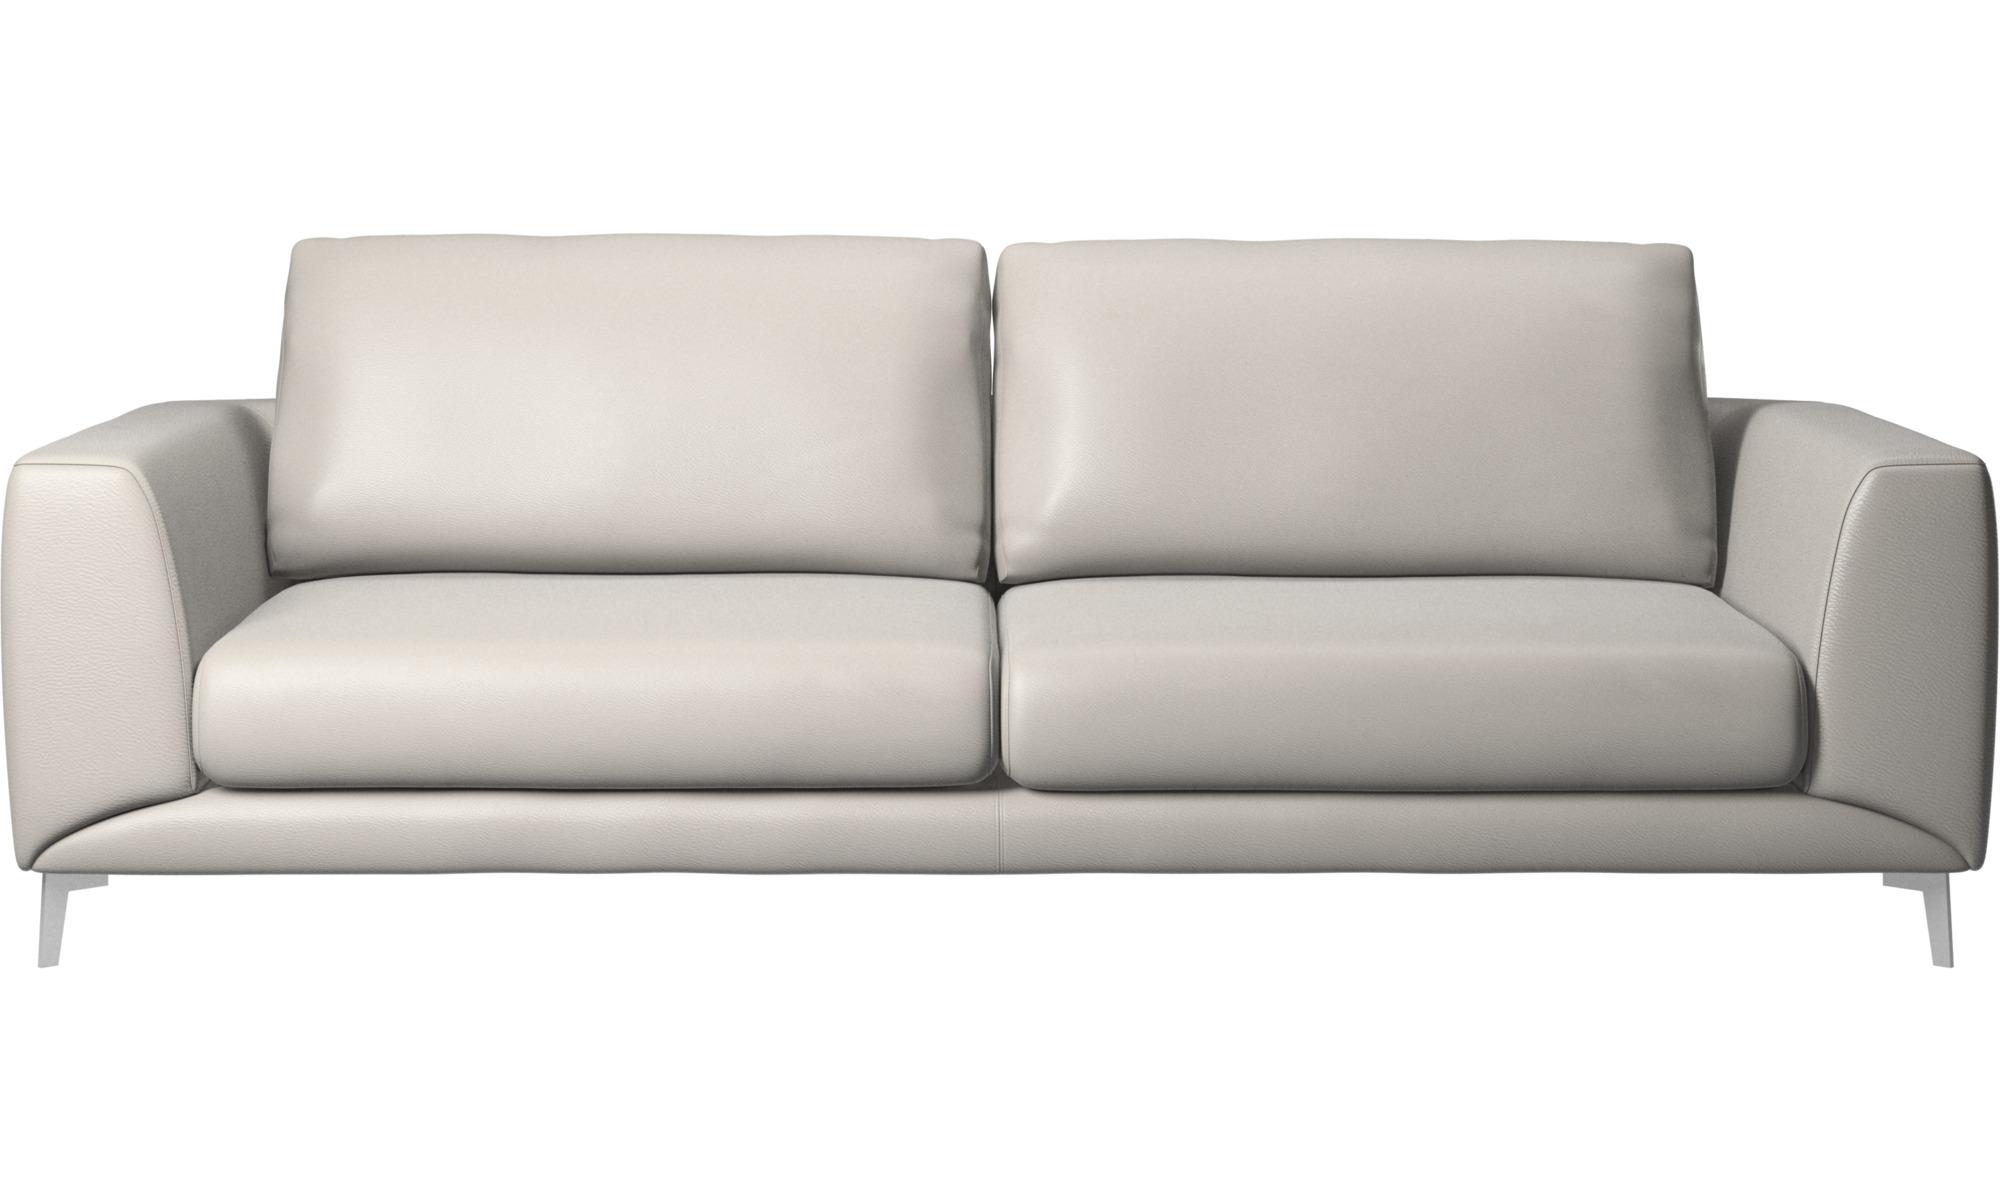 Super 3 Seater Sofas Fargo Sofa Boconcept Pabps2019 Chair Design Images Pabps2019Com